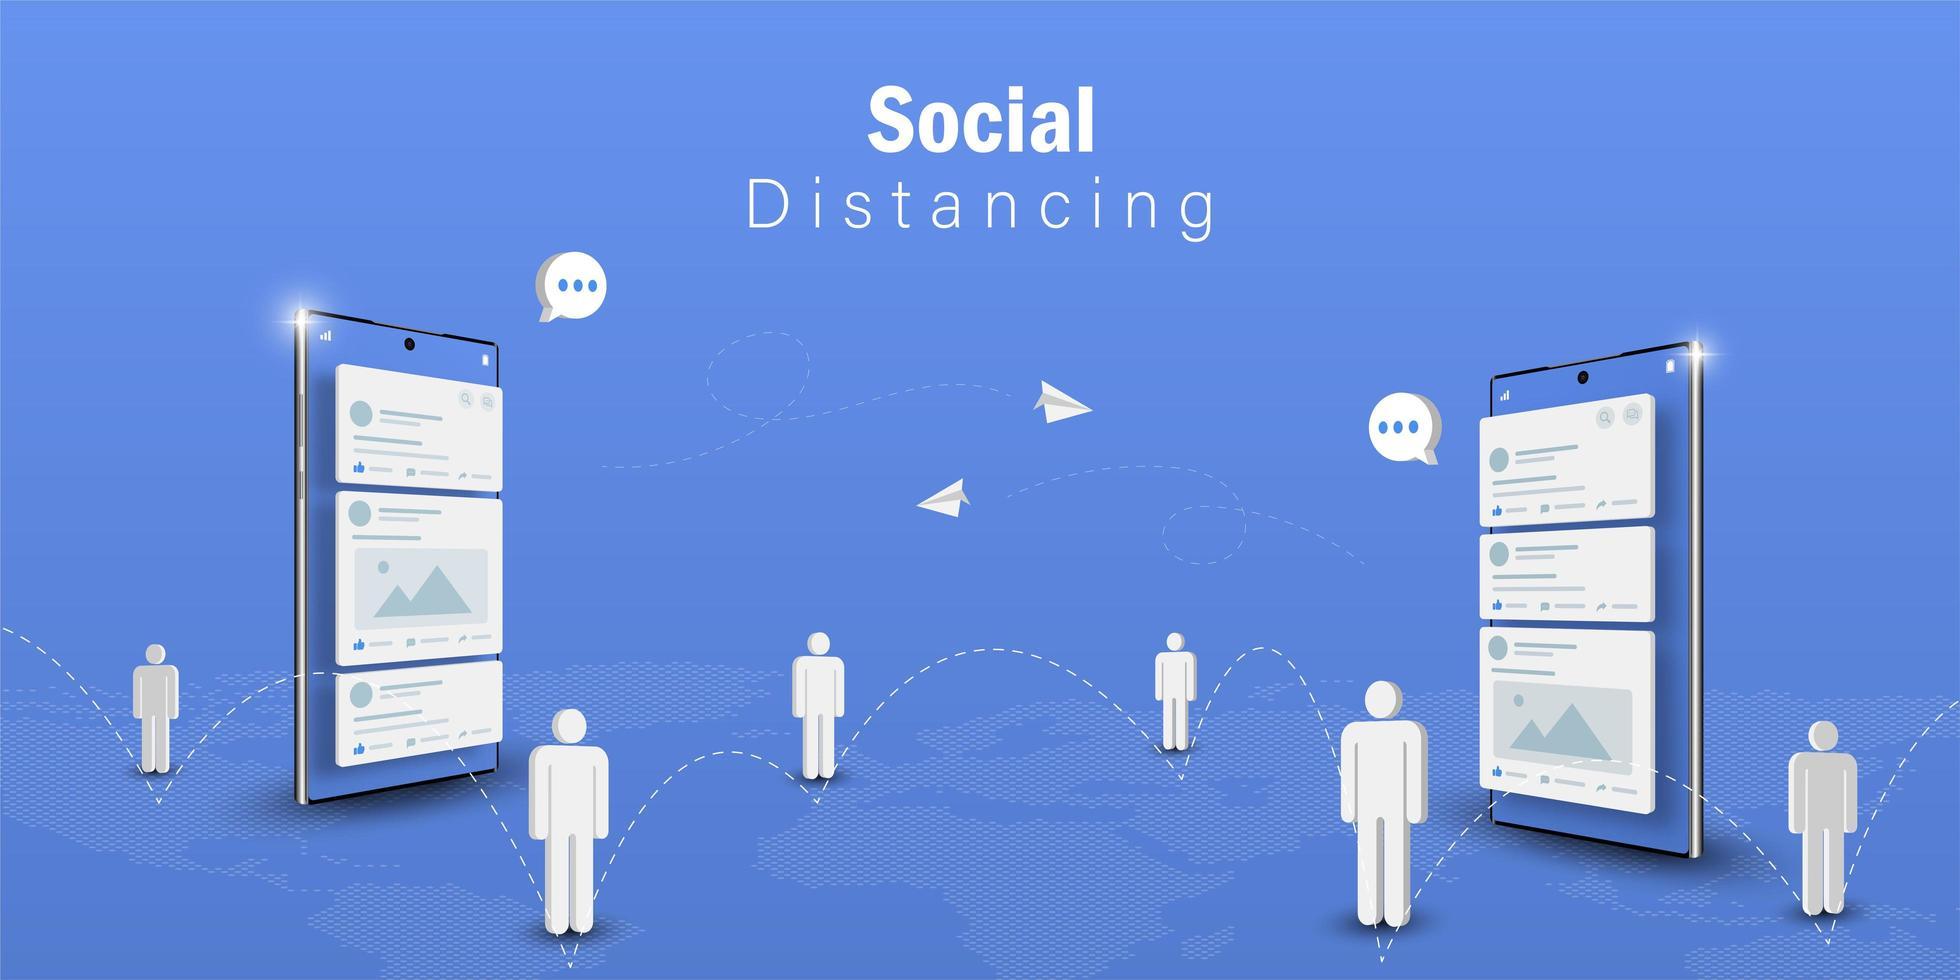 sozial distanzierendes Kommunikationskonzept vektor